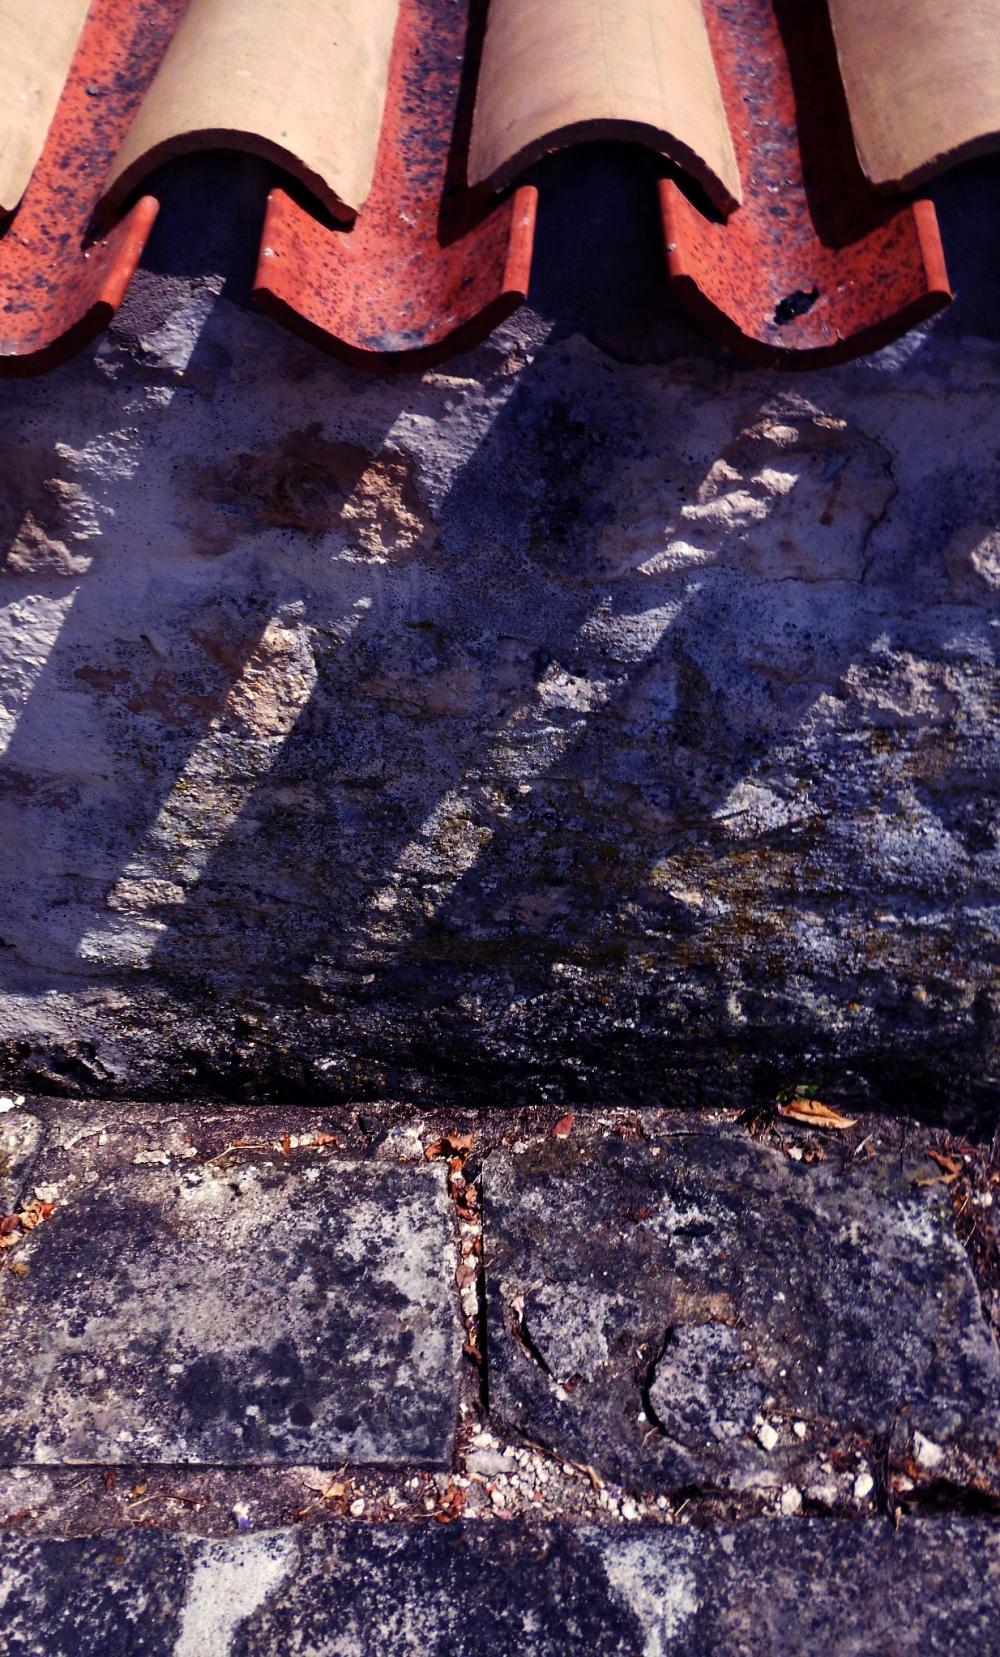 Chercher de l'ombre au toit du muret de tuiles